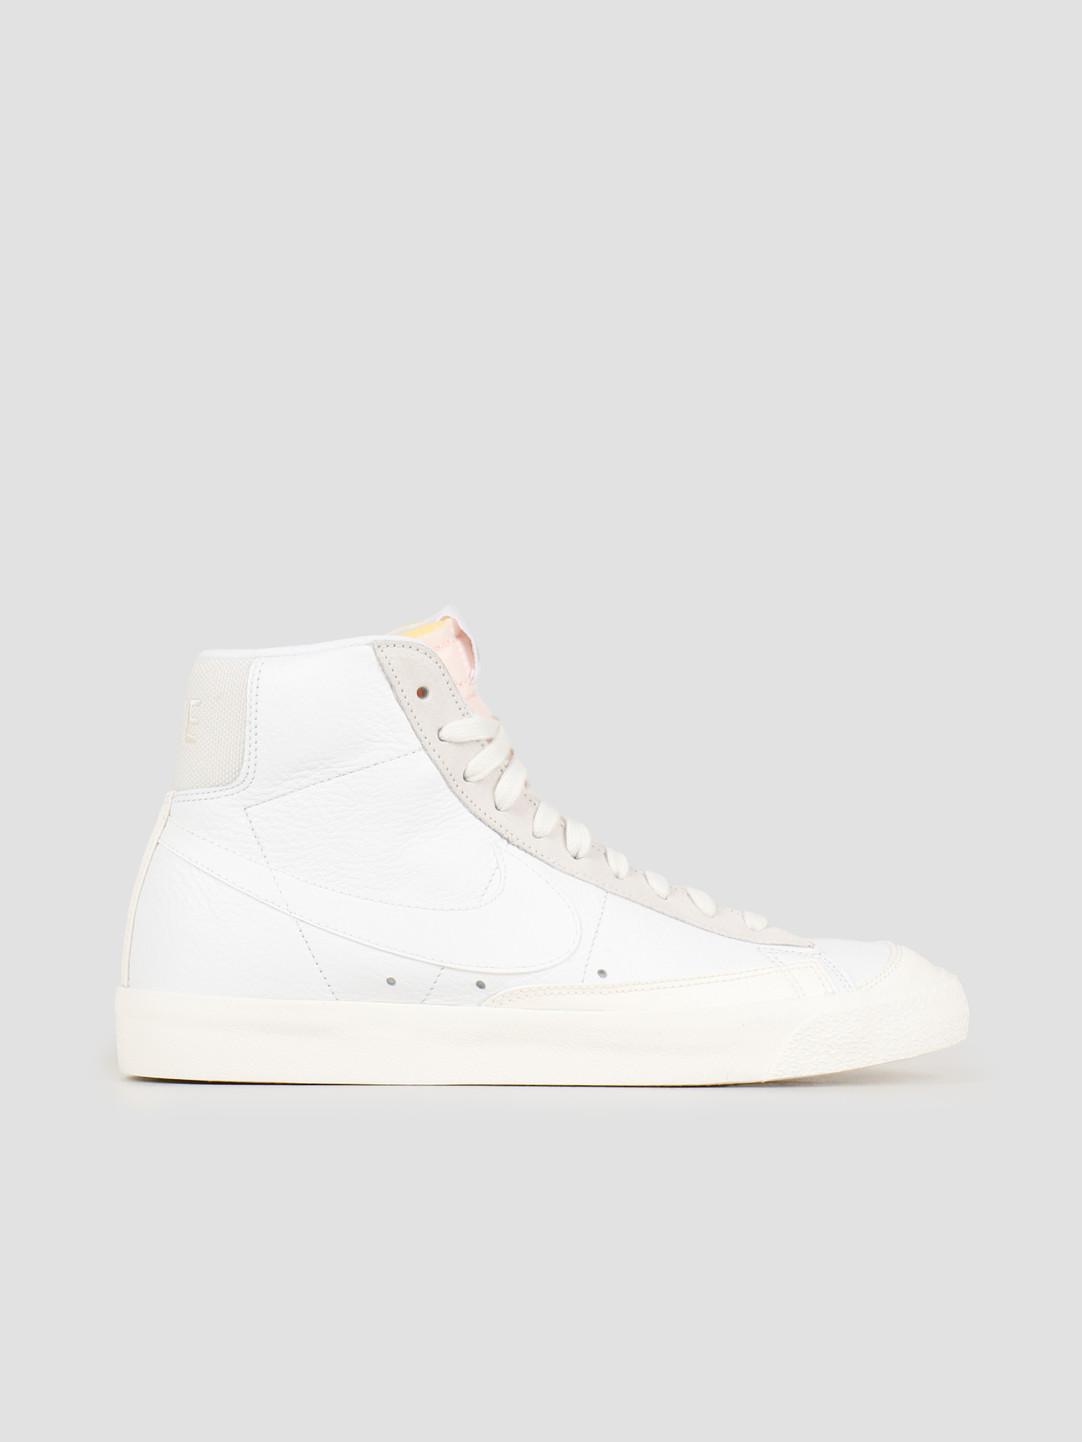 Nike Nike Blazer Mid Vintage '77 White White Sail Platinum Tint CW7583-100